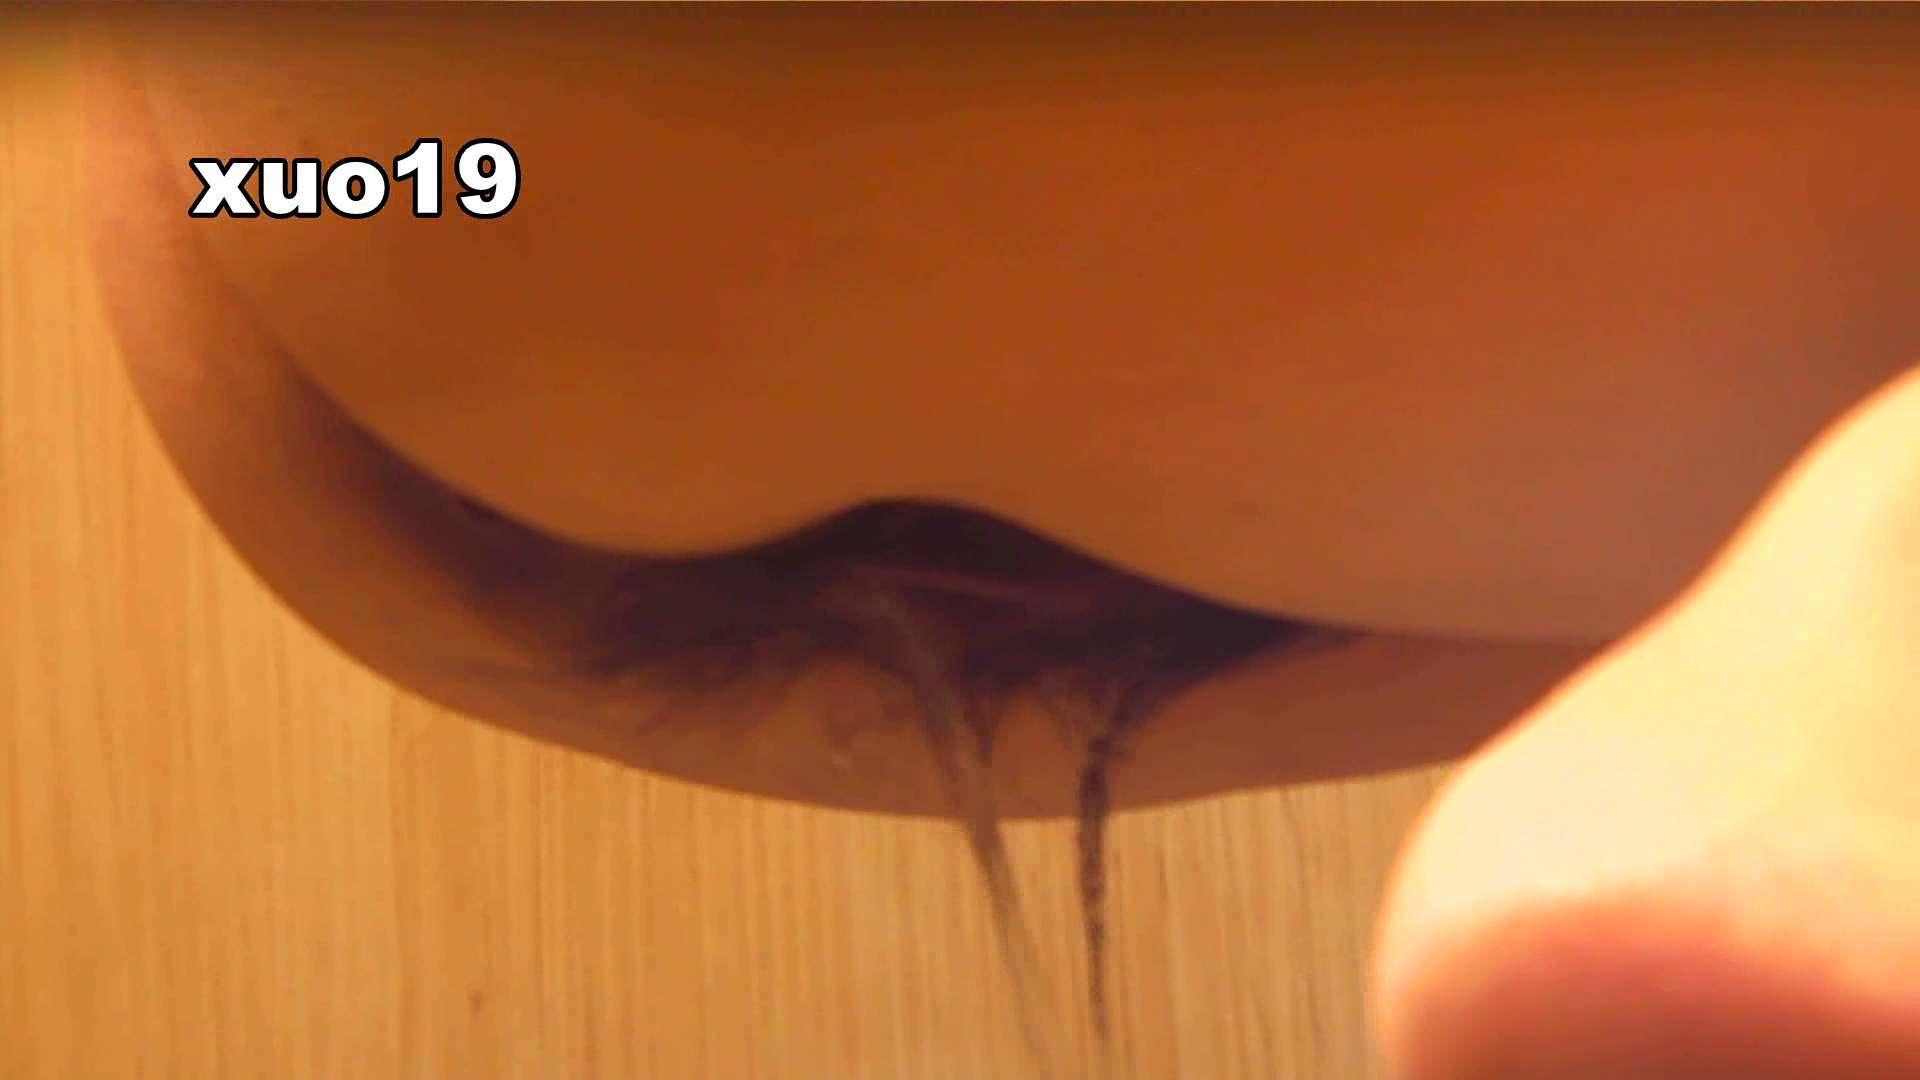 阿国ちゃんの「和式洋式七変化」No.19 キラキラ系 洗面所シーン ワレメ無修正動画無料 94画像 52